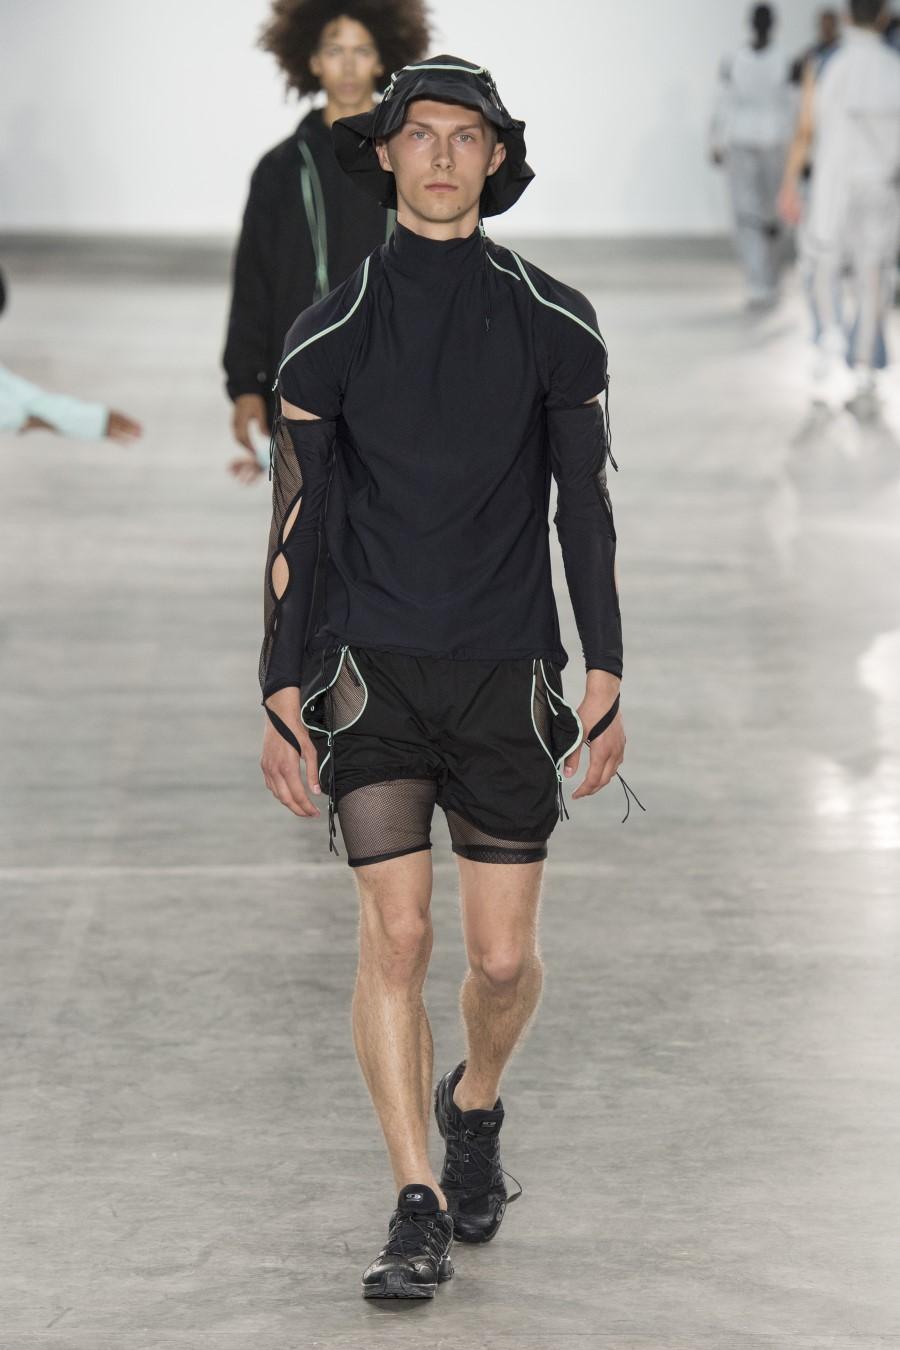 Fashion East - Saul Nash - Printemps-Été 2020 - London Fashion Week Men's